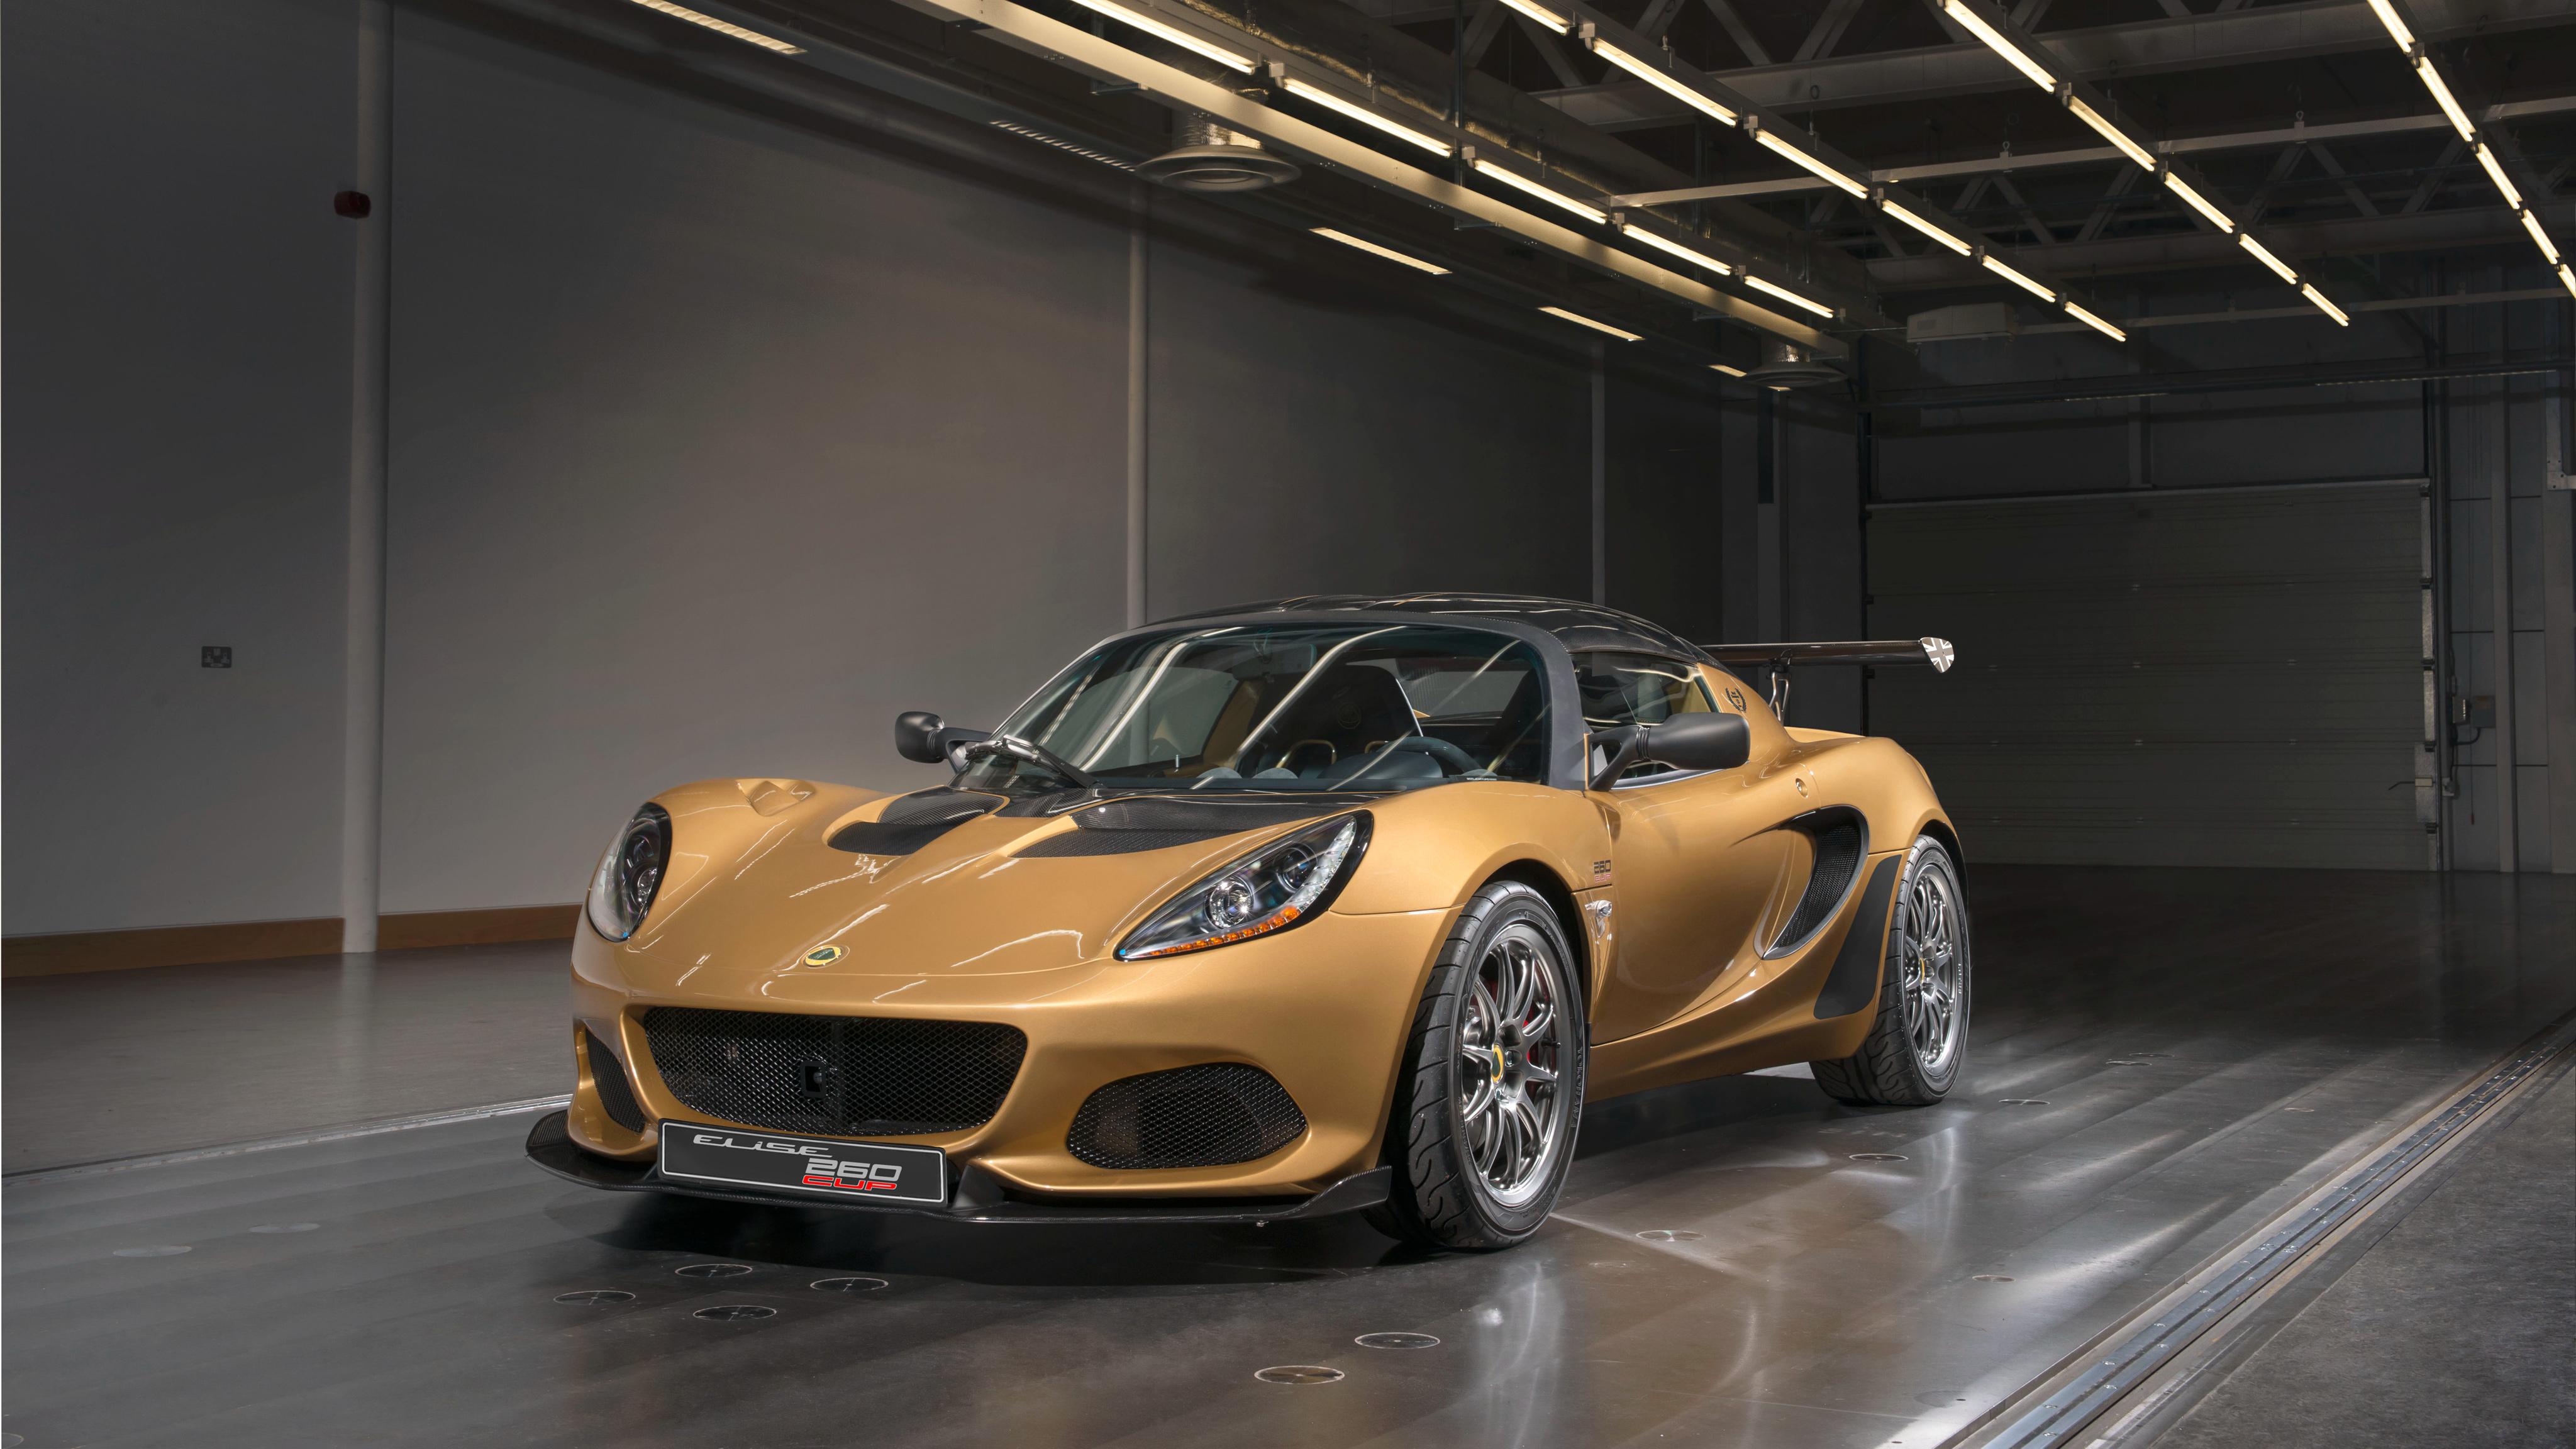 2017 Lotus Elise Cup 260 4k Wallpaper Hd Car Wallpapers Id 8877